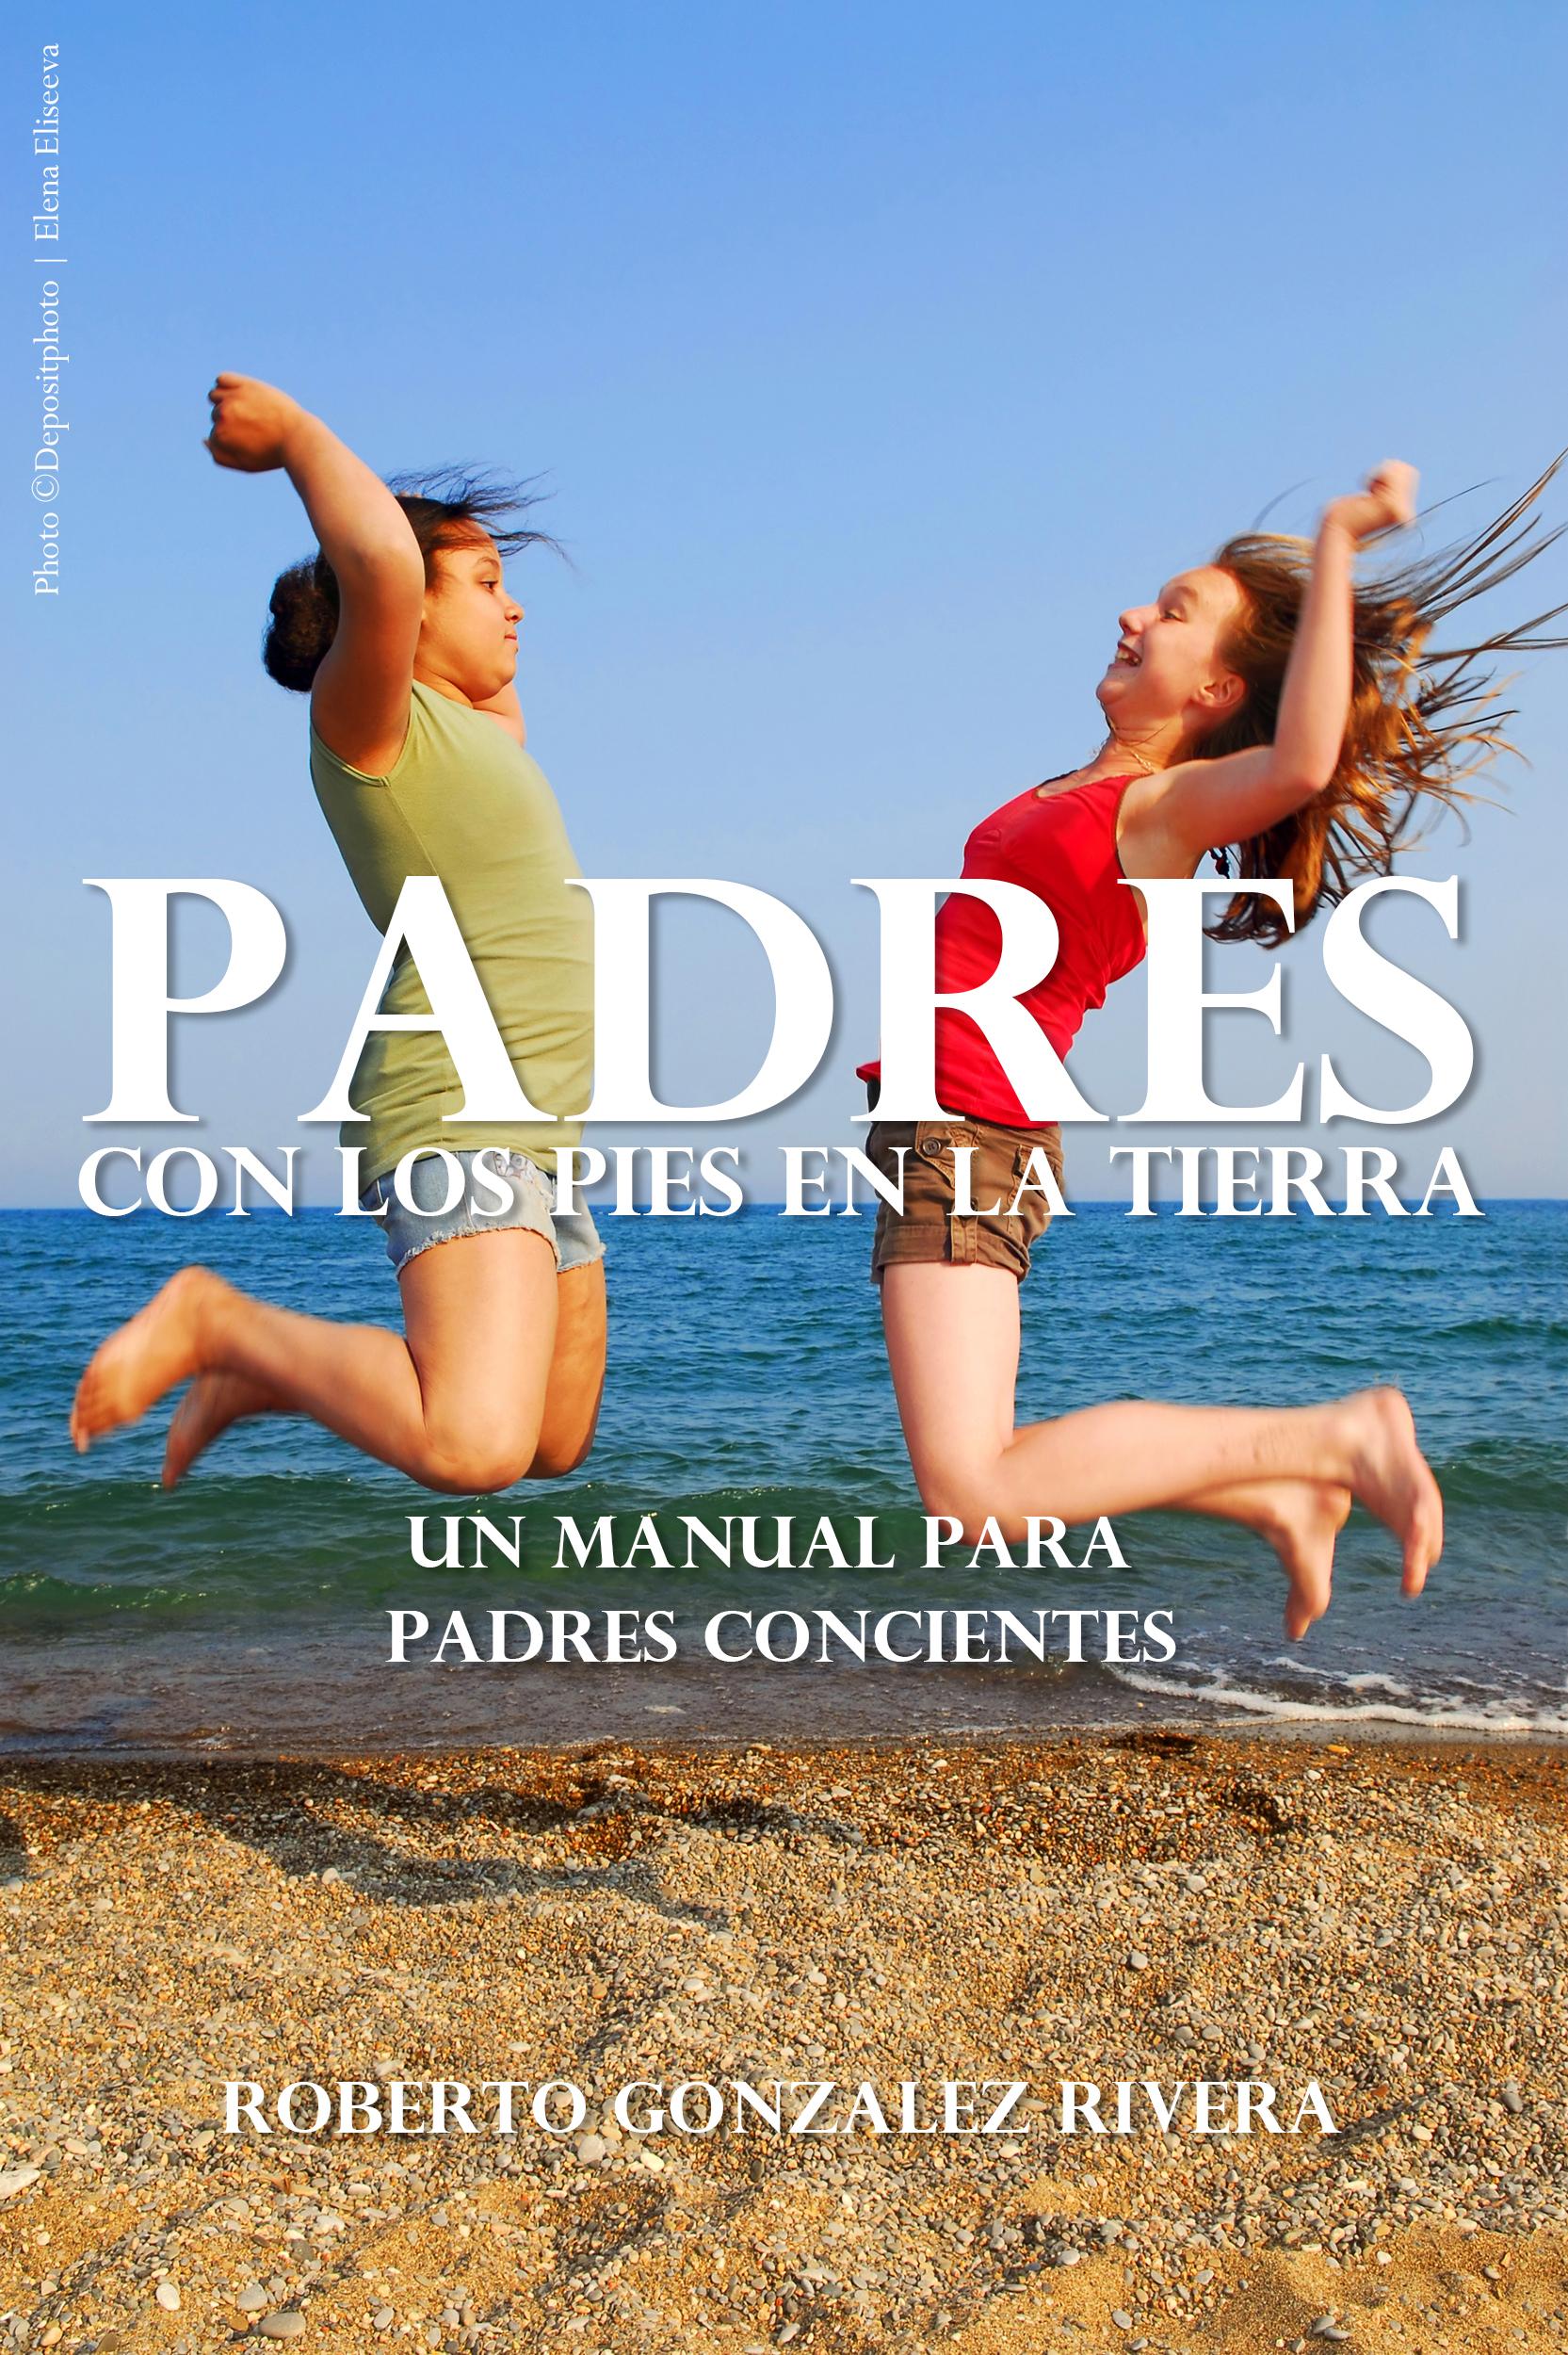 Padres con los Pies en la Tierra Roberto Gonzalez Rivera